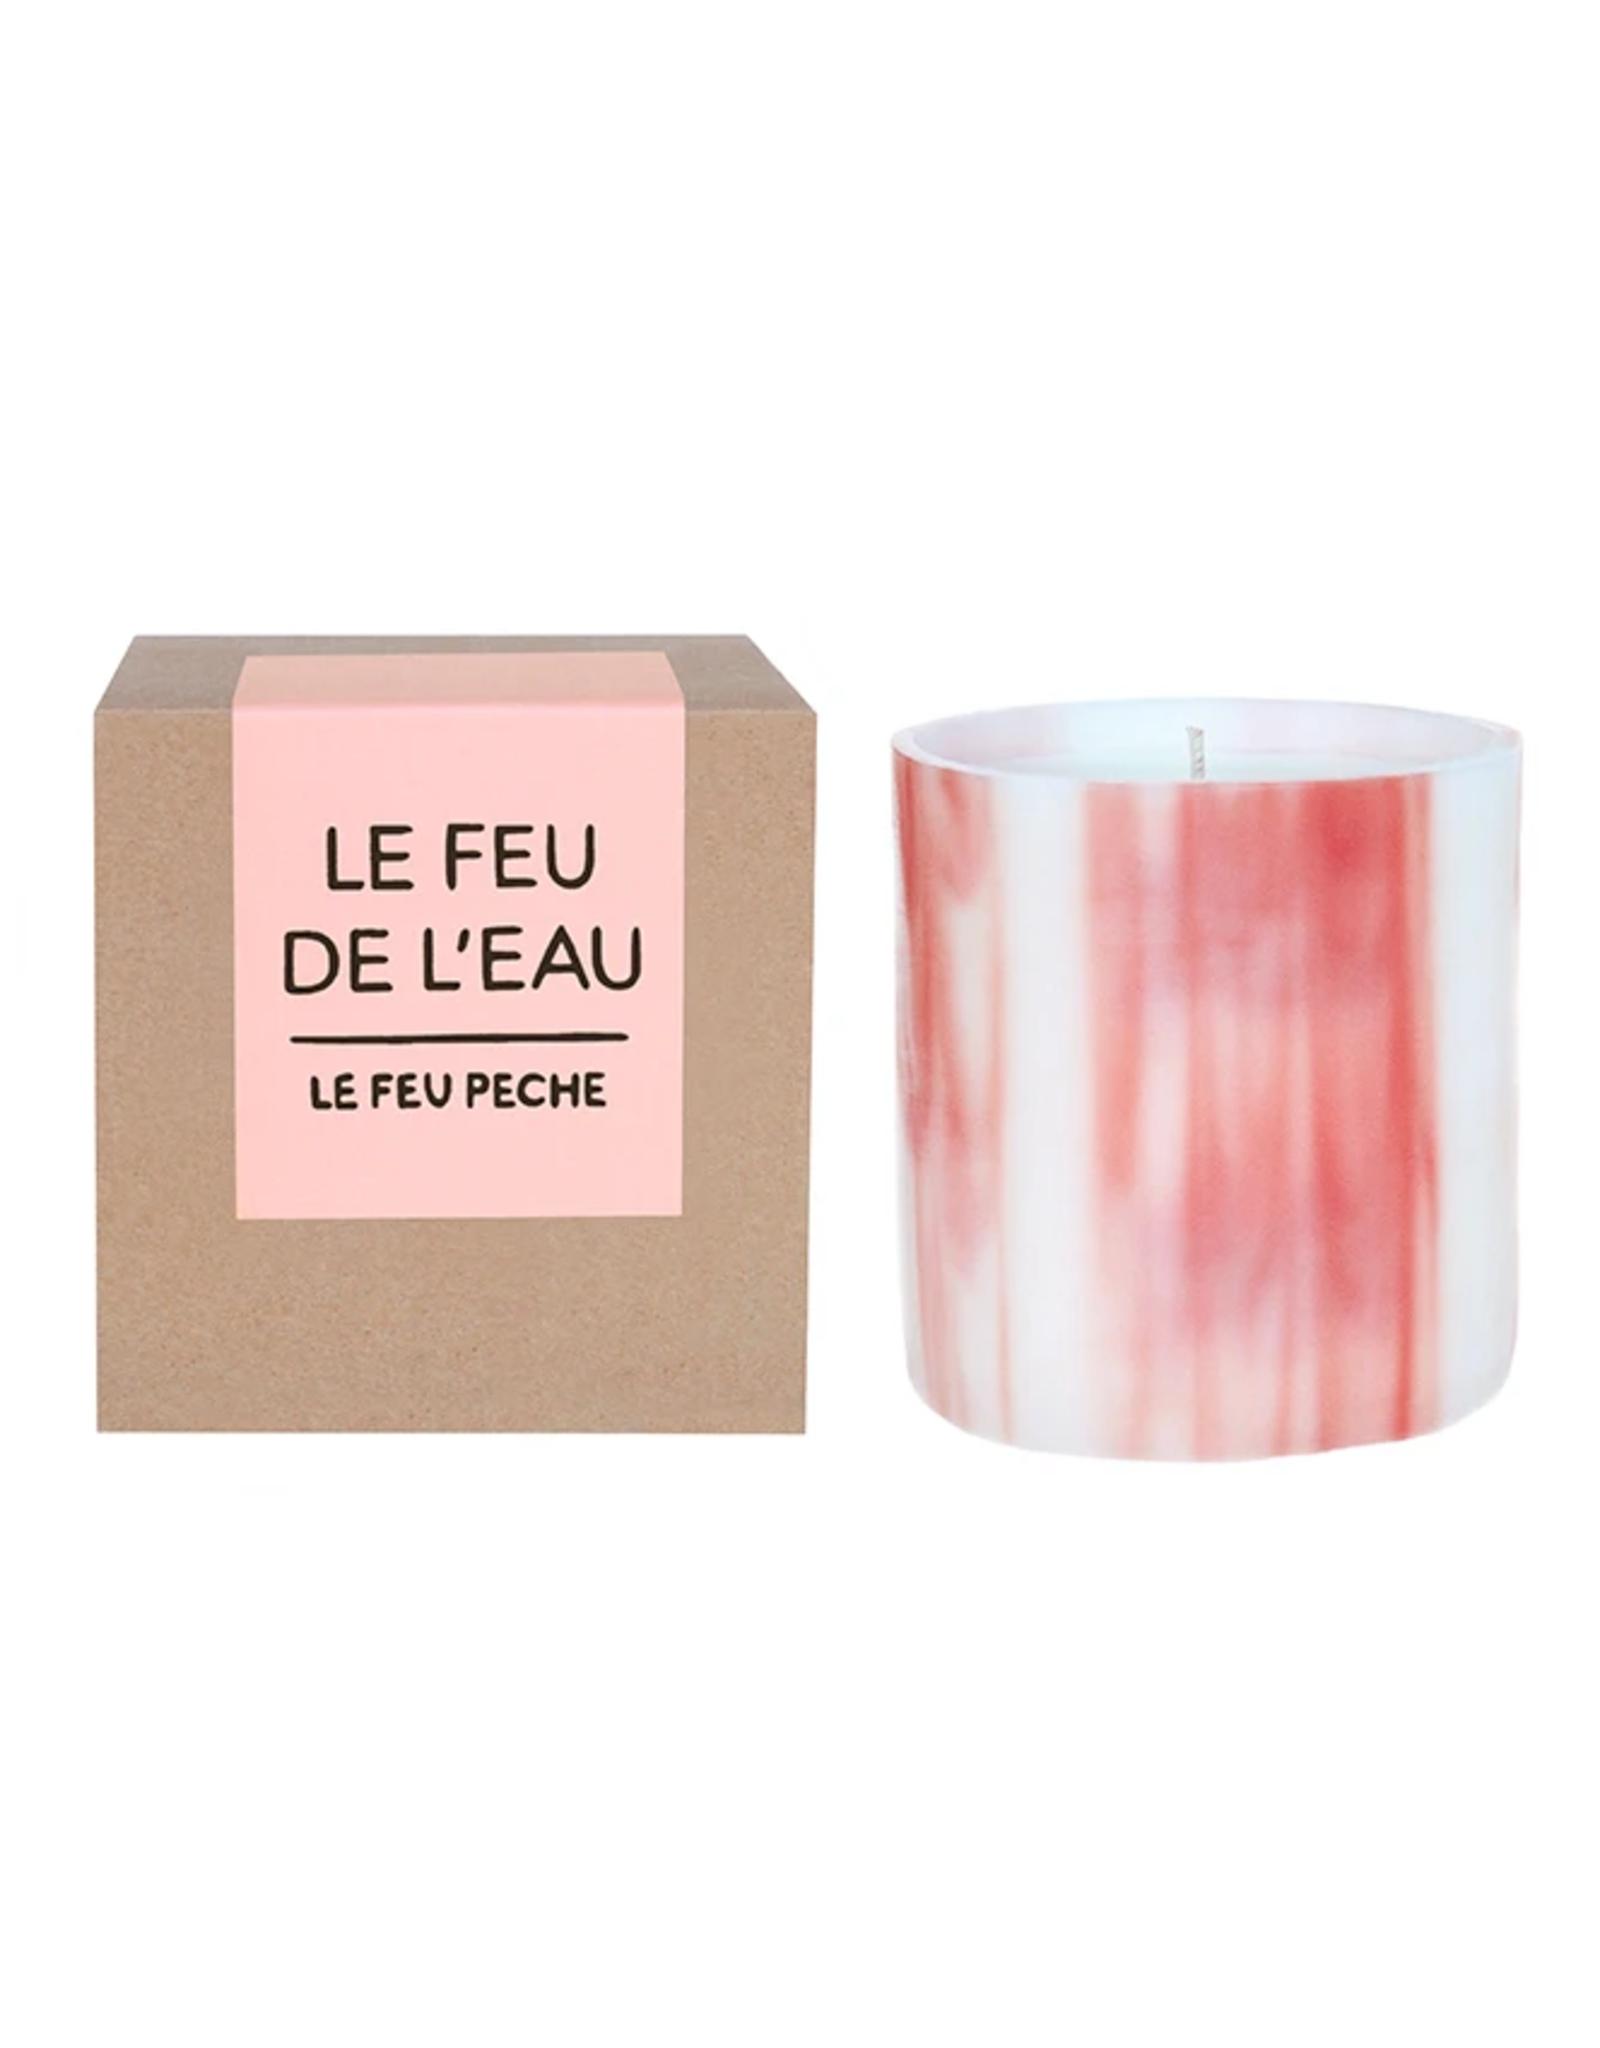 Le Feu De L'Eau Le Feu Peche Candle